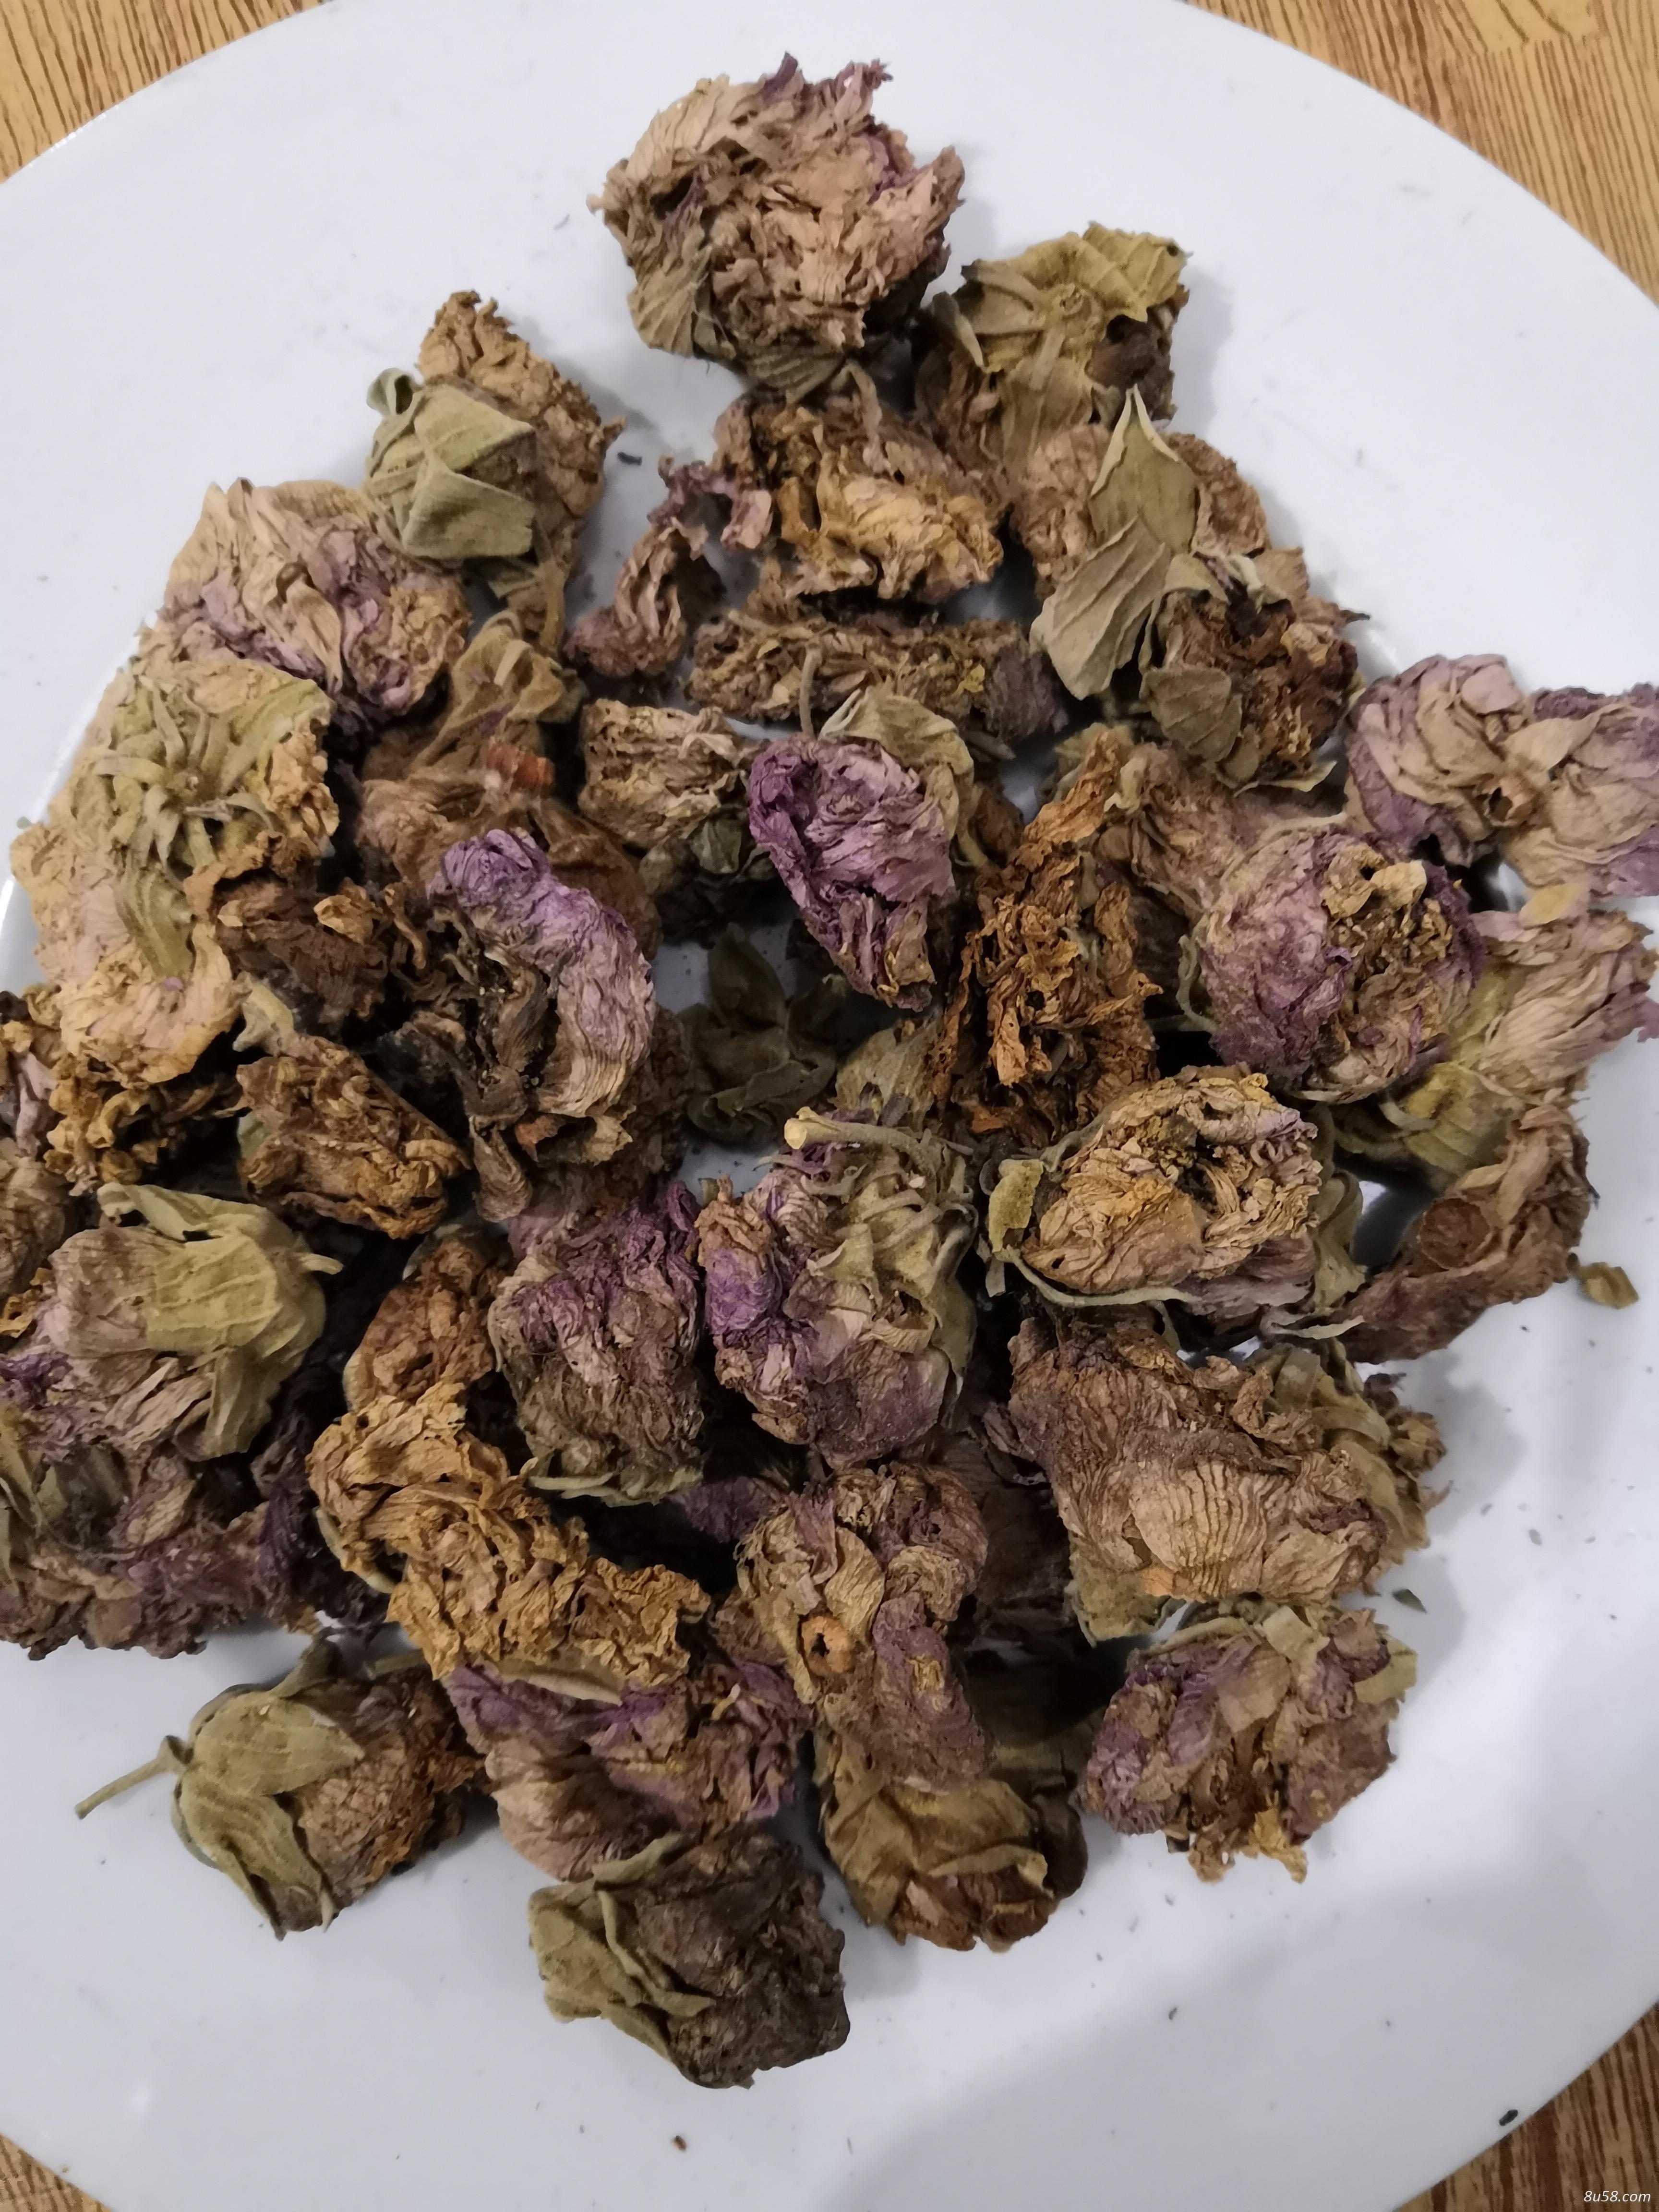 中药材芙蓉花批发价格多少钱一斤、茉芙蓉花哪里有卖的?